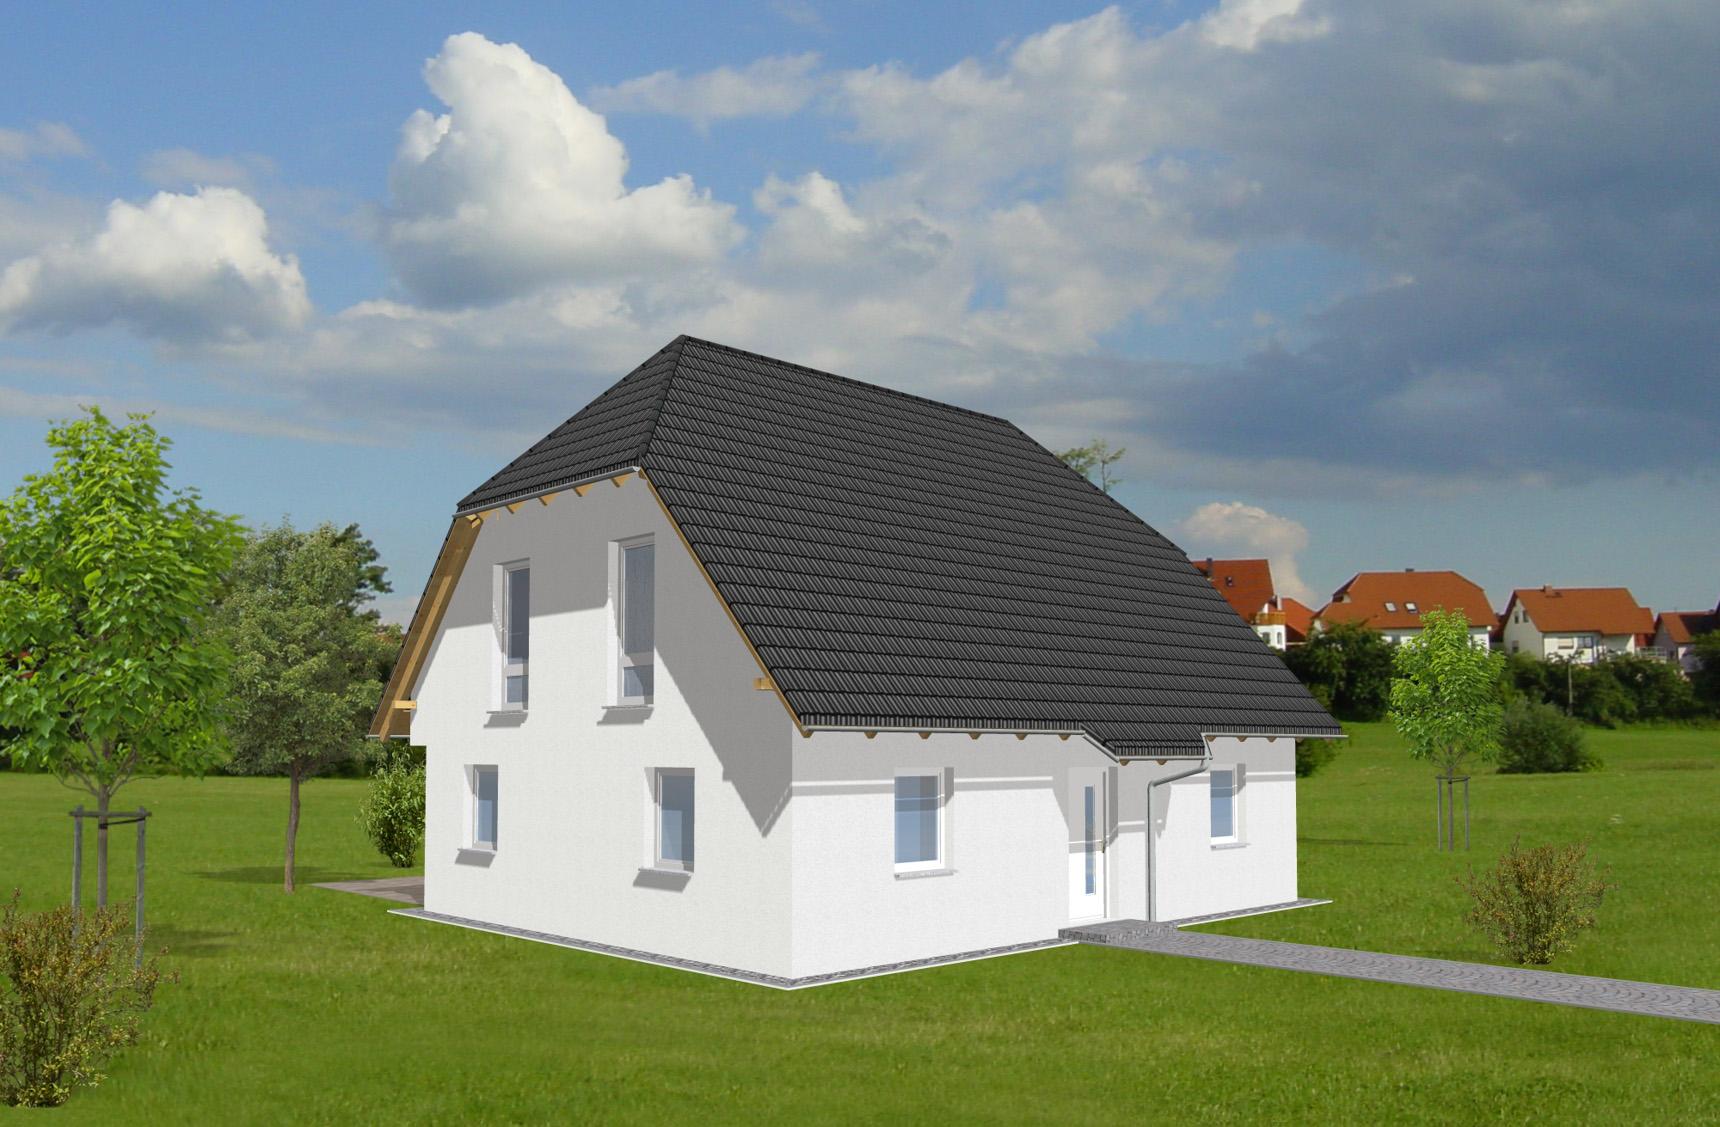 Typenhaus Minelava - ALG Massivhaus GmbH Eingangsansicht